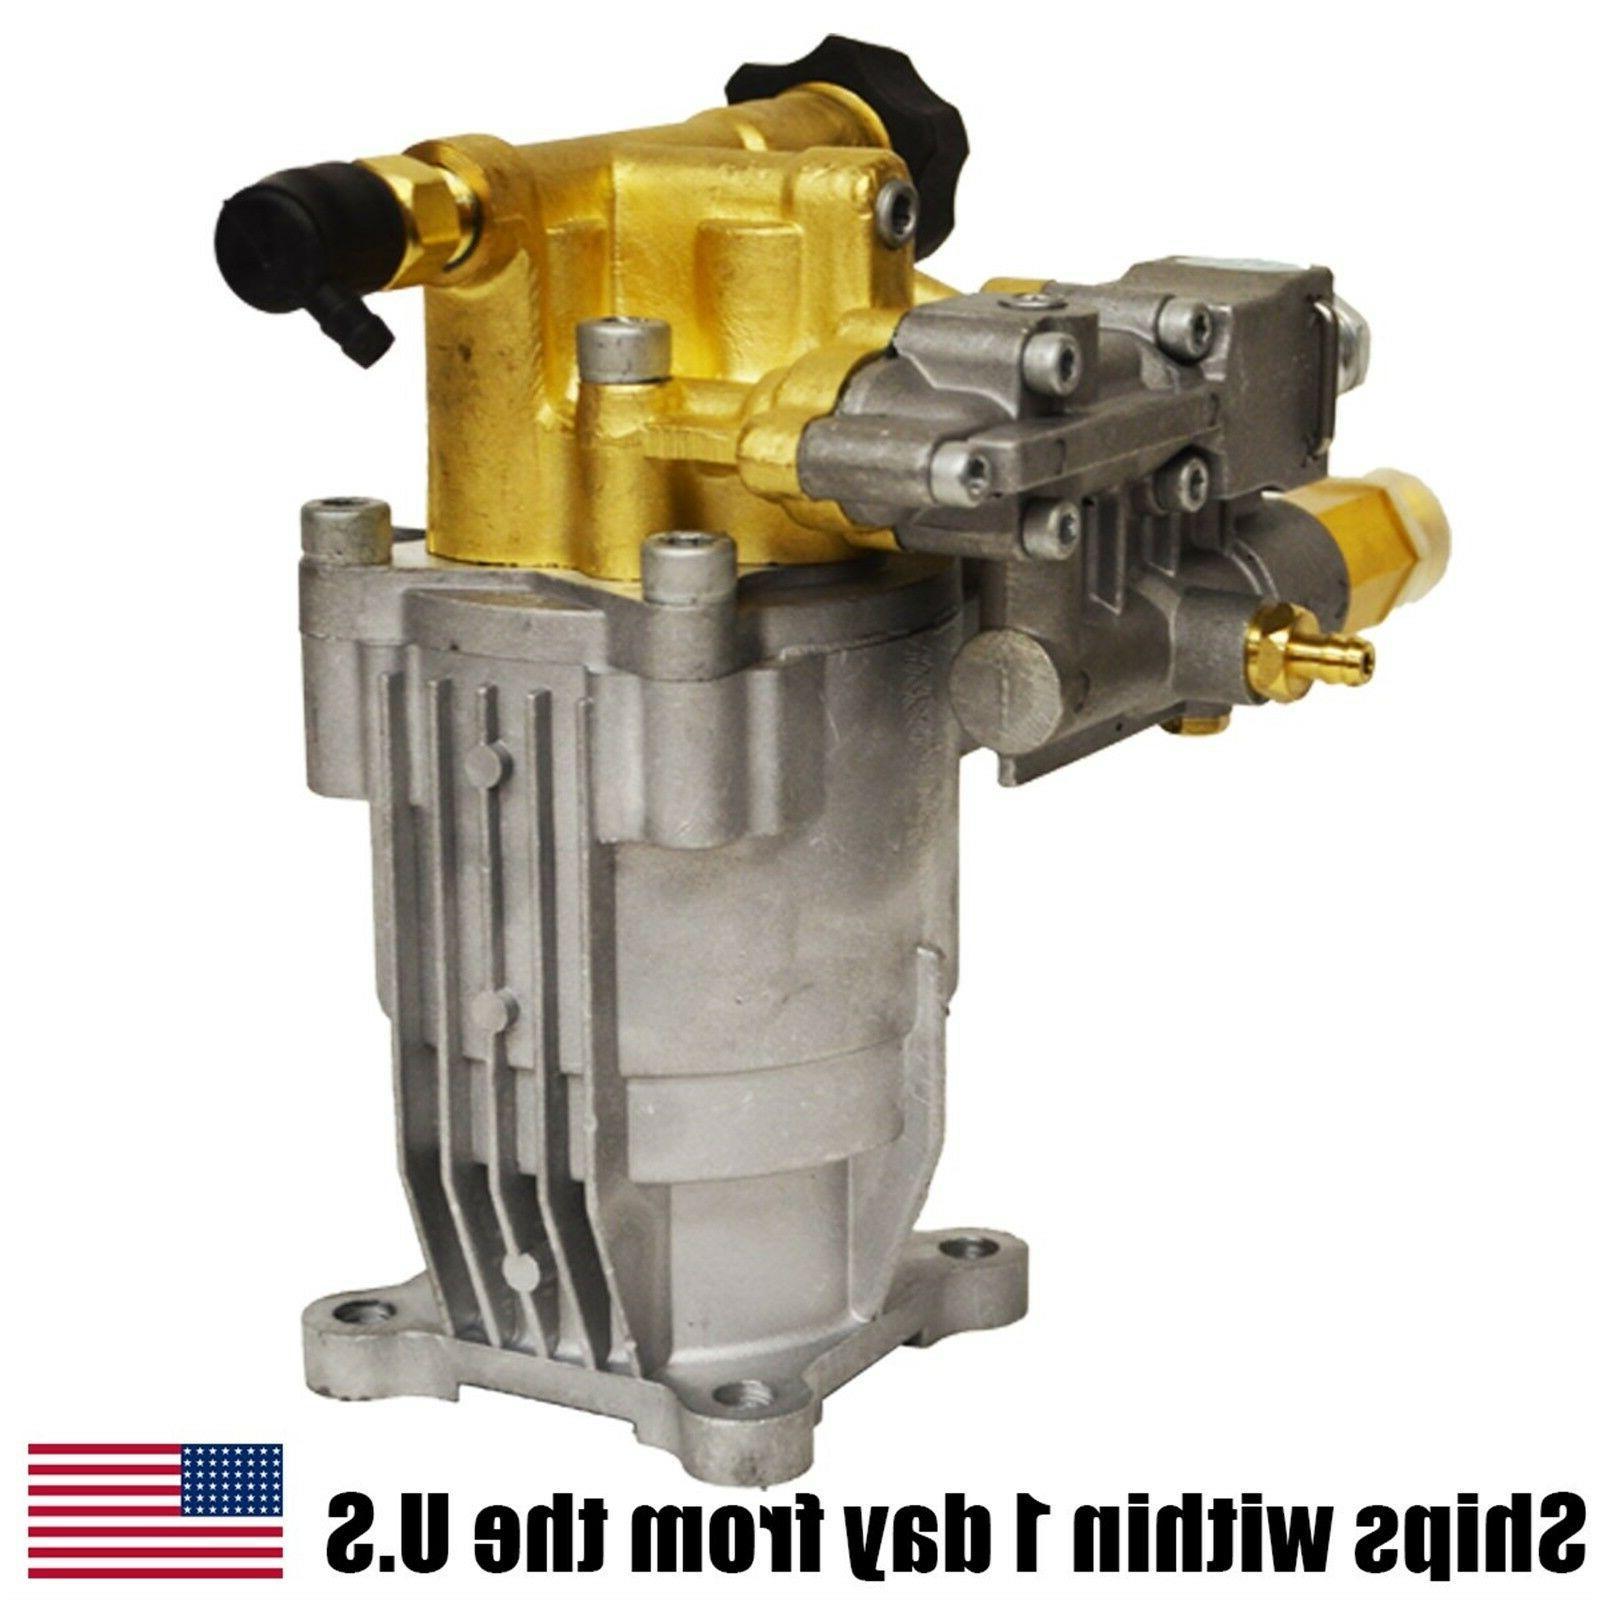 OEM Himore 309515003 Power Pressure Pump 3000